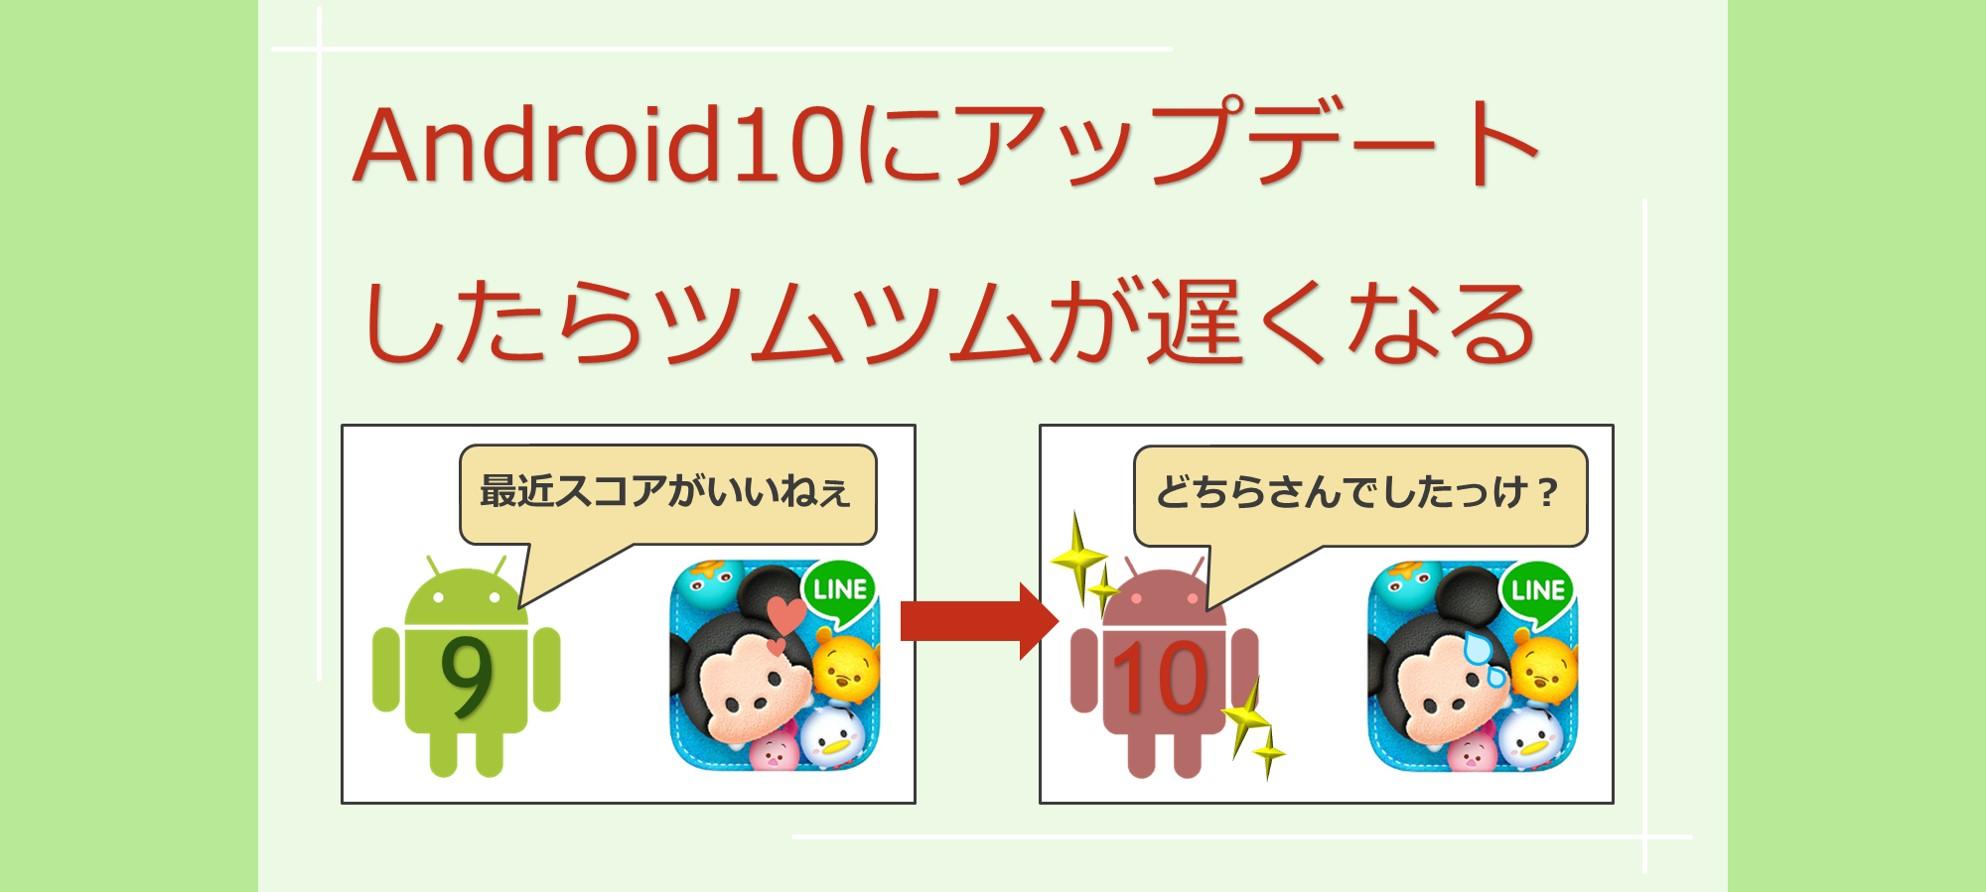 軽く android スマホ する